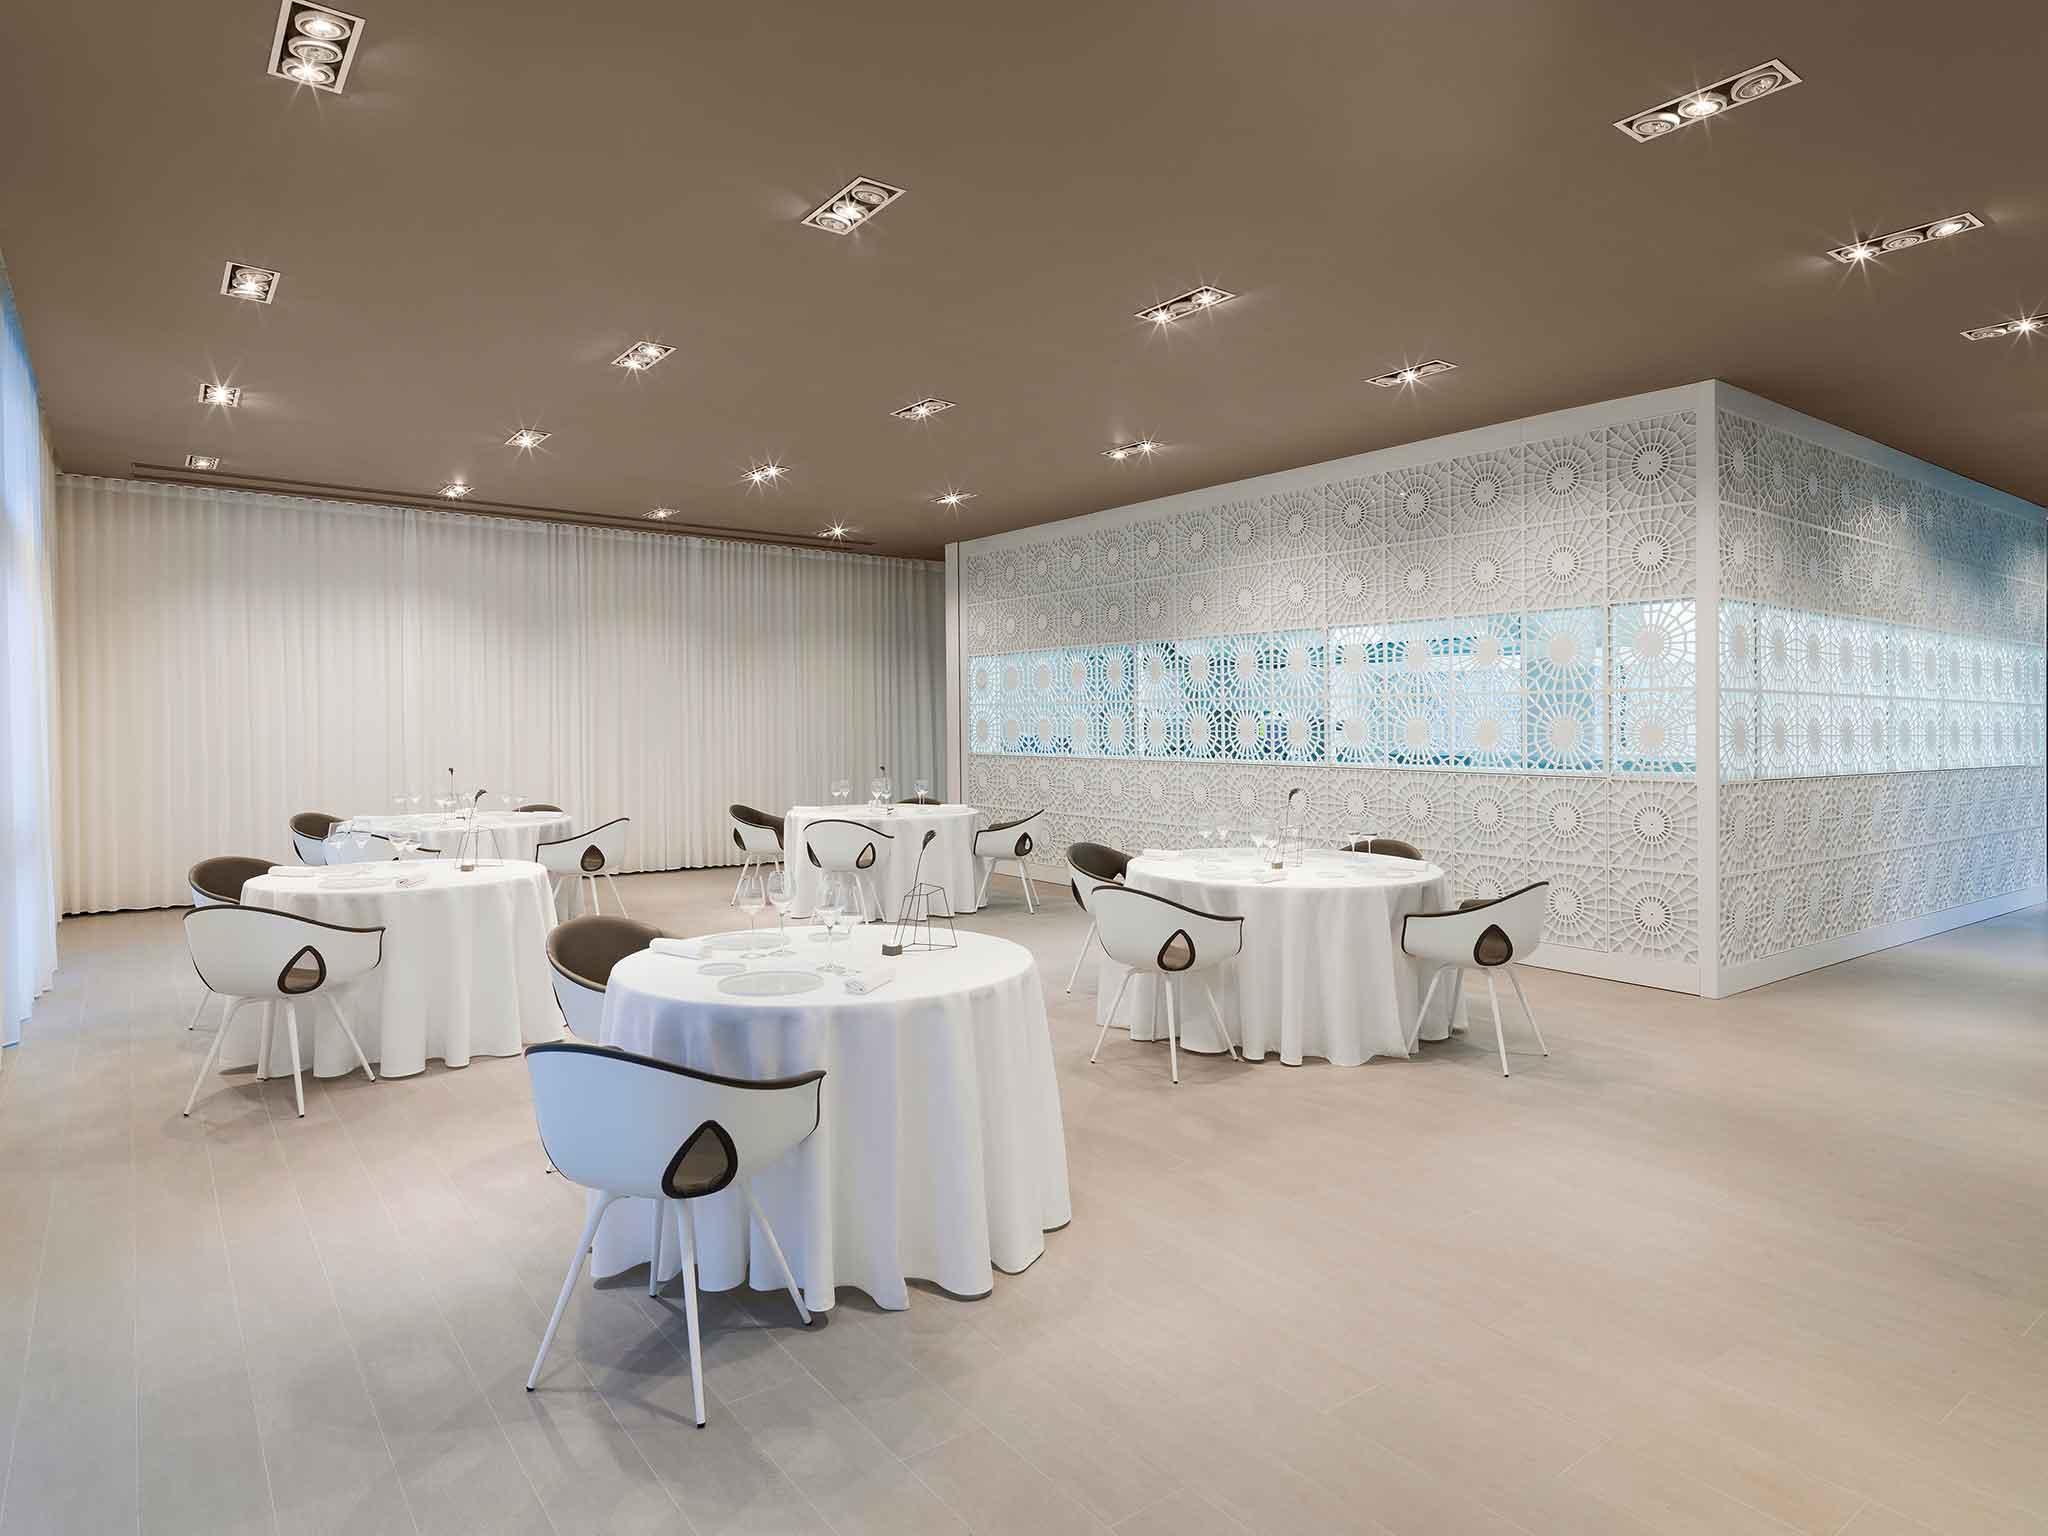 L'interno del ristorante Lume di Luigi Taglienti